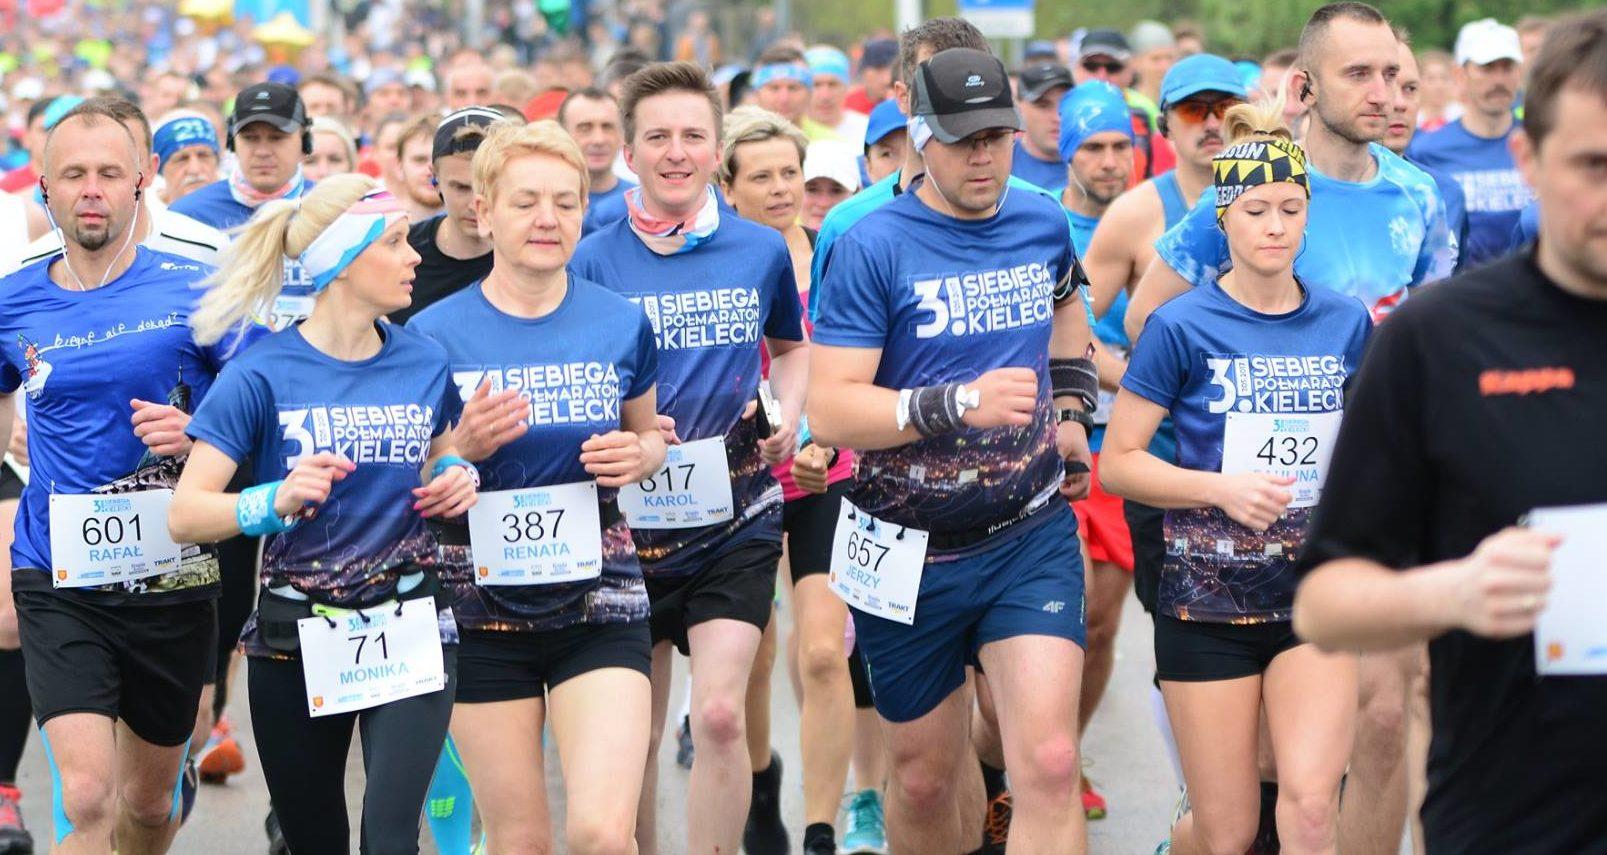 3.sieBIEGA Półmaraton Kielecki – WYNIKI